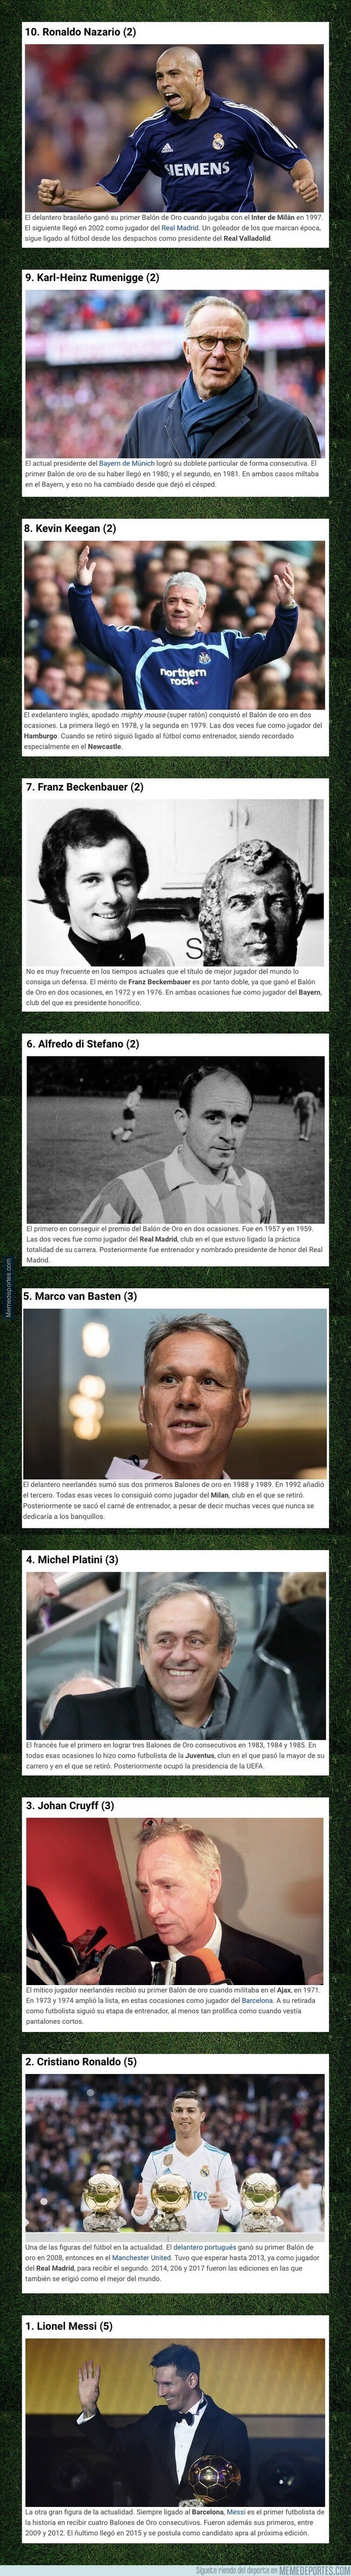 1092267 - Estos son los 10 futbolistas que más veces ganaron el Balón de Oro